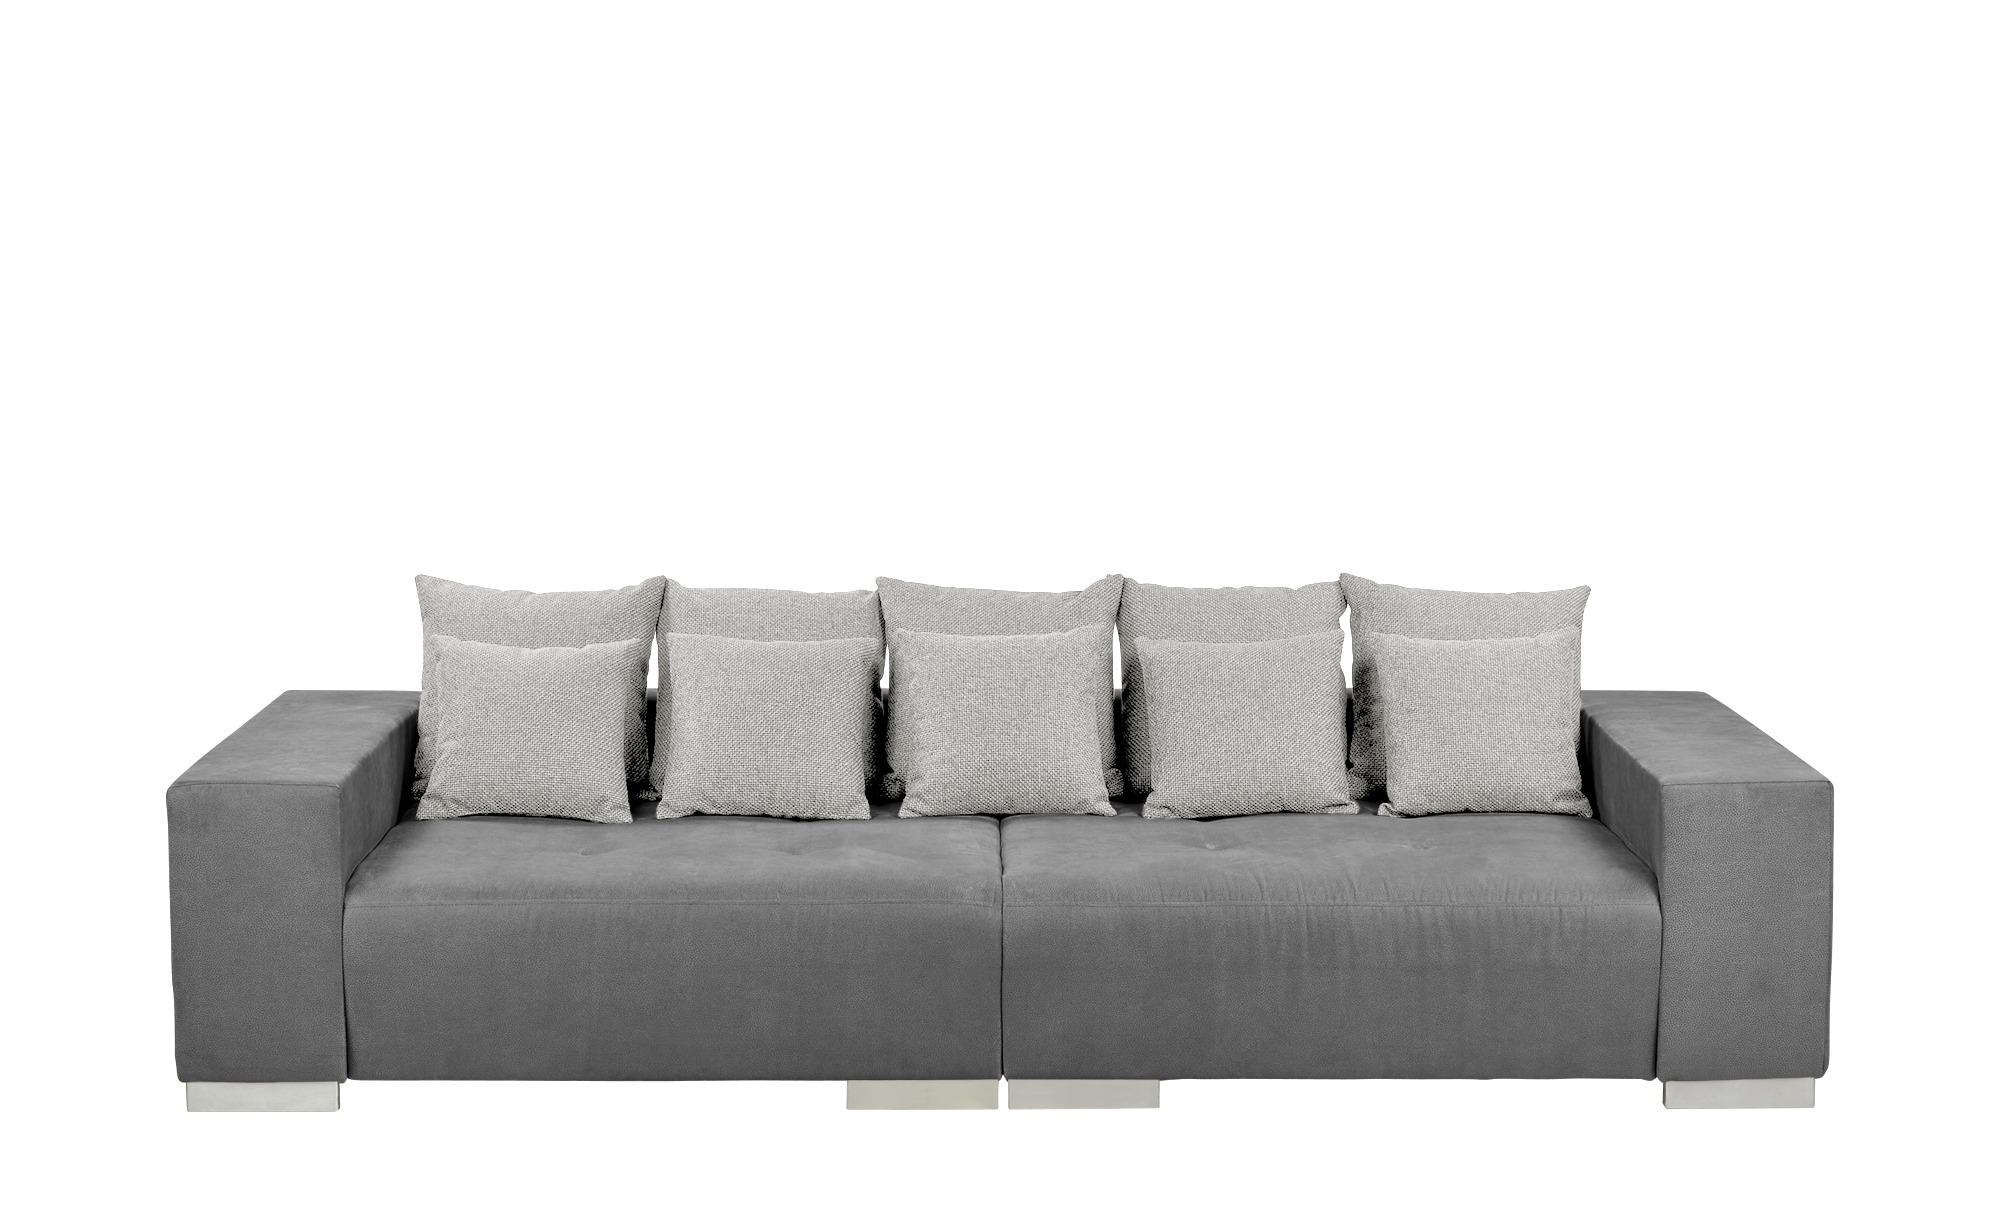 switch Big-Sofa  Max ¦ grau ¦ Maße (cm): B: 300 H: 85 T: 136 Polstermöbel > Sofas > Big-Sofas - Höffner